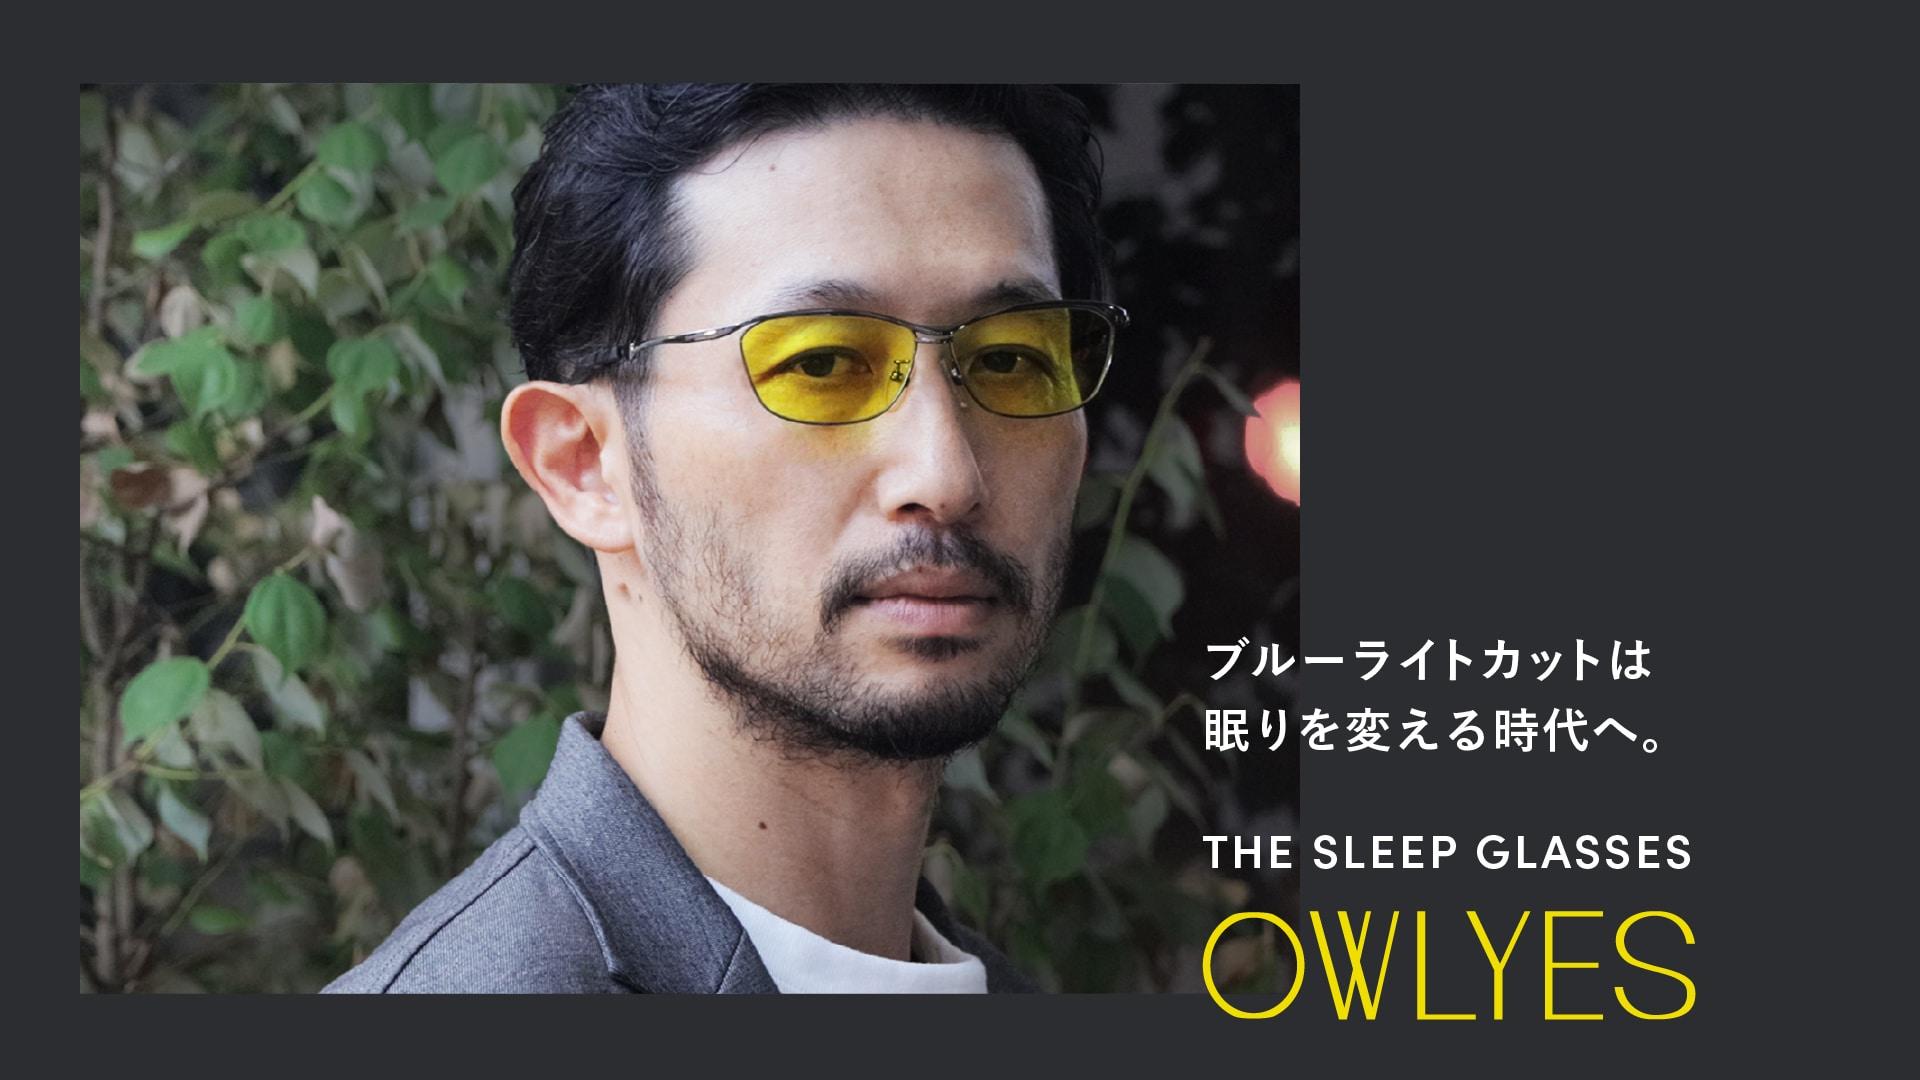 ブルーライトカットは眠りを変える時代へ。THE SLEEP GLASSES OWLYES